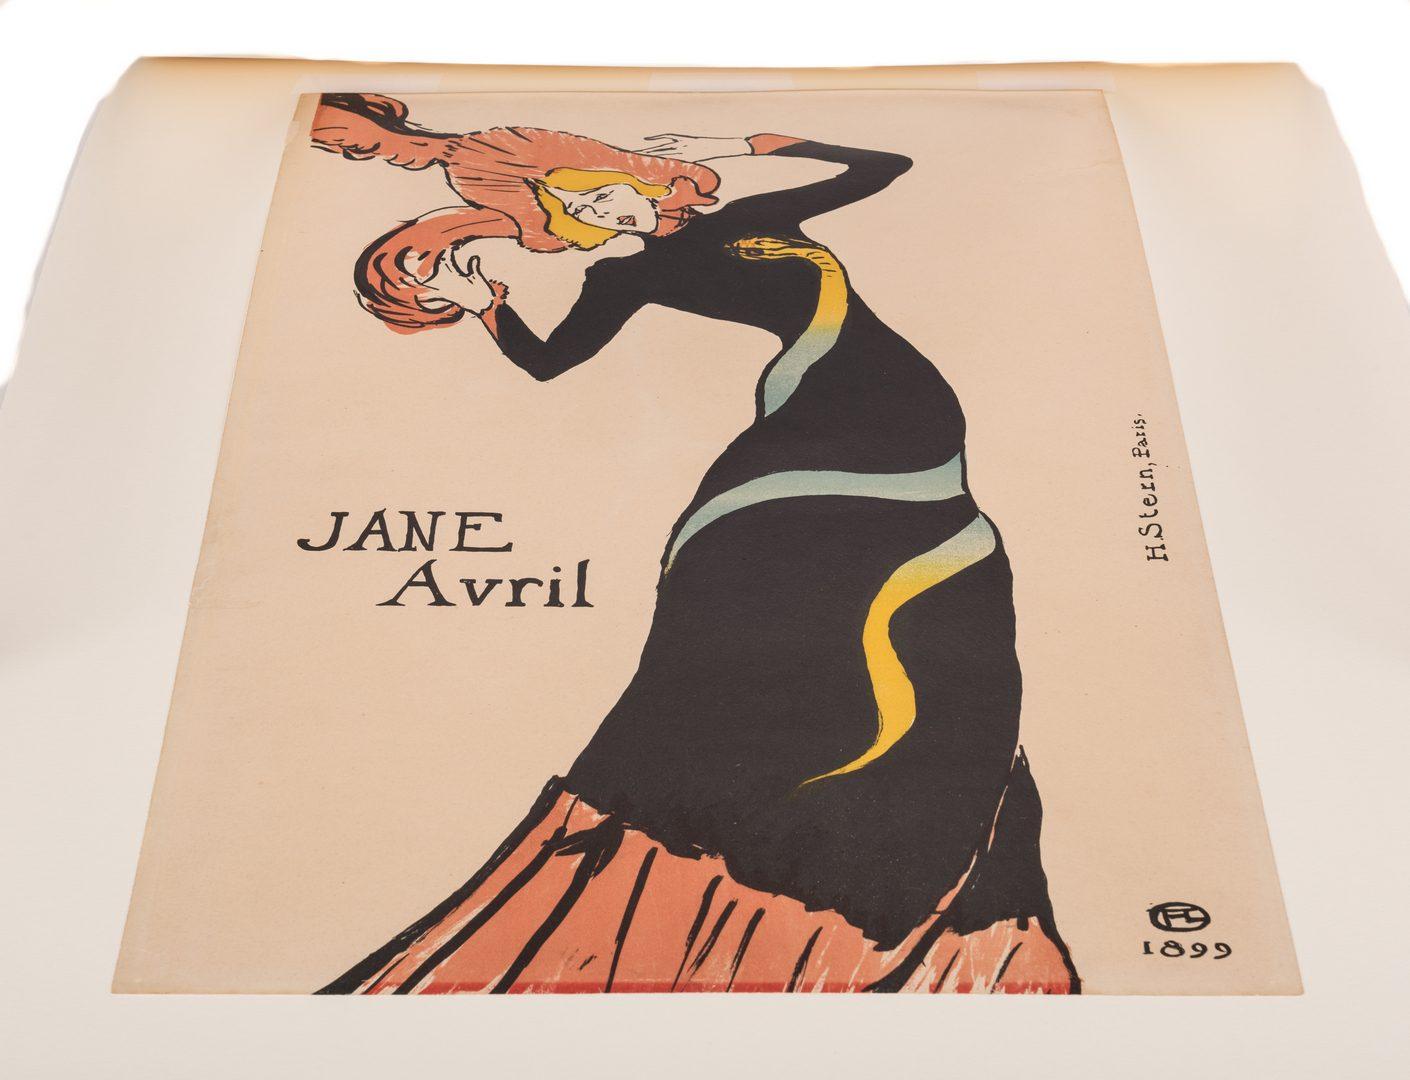 Lot 100: Toulouse Lautrec Lithograph, Jane Avril